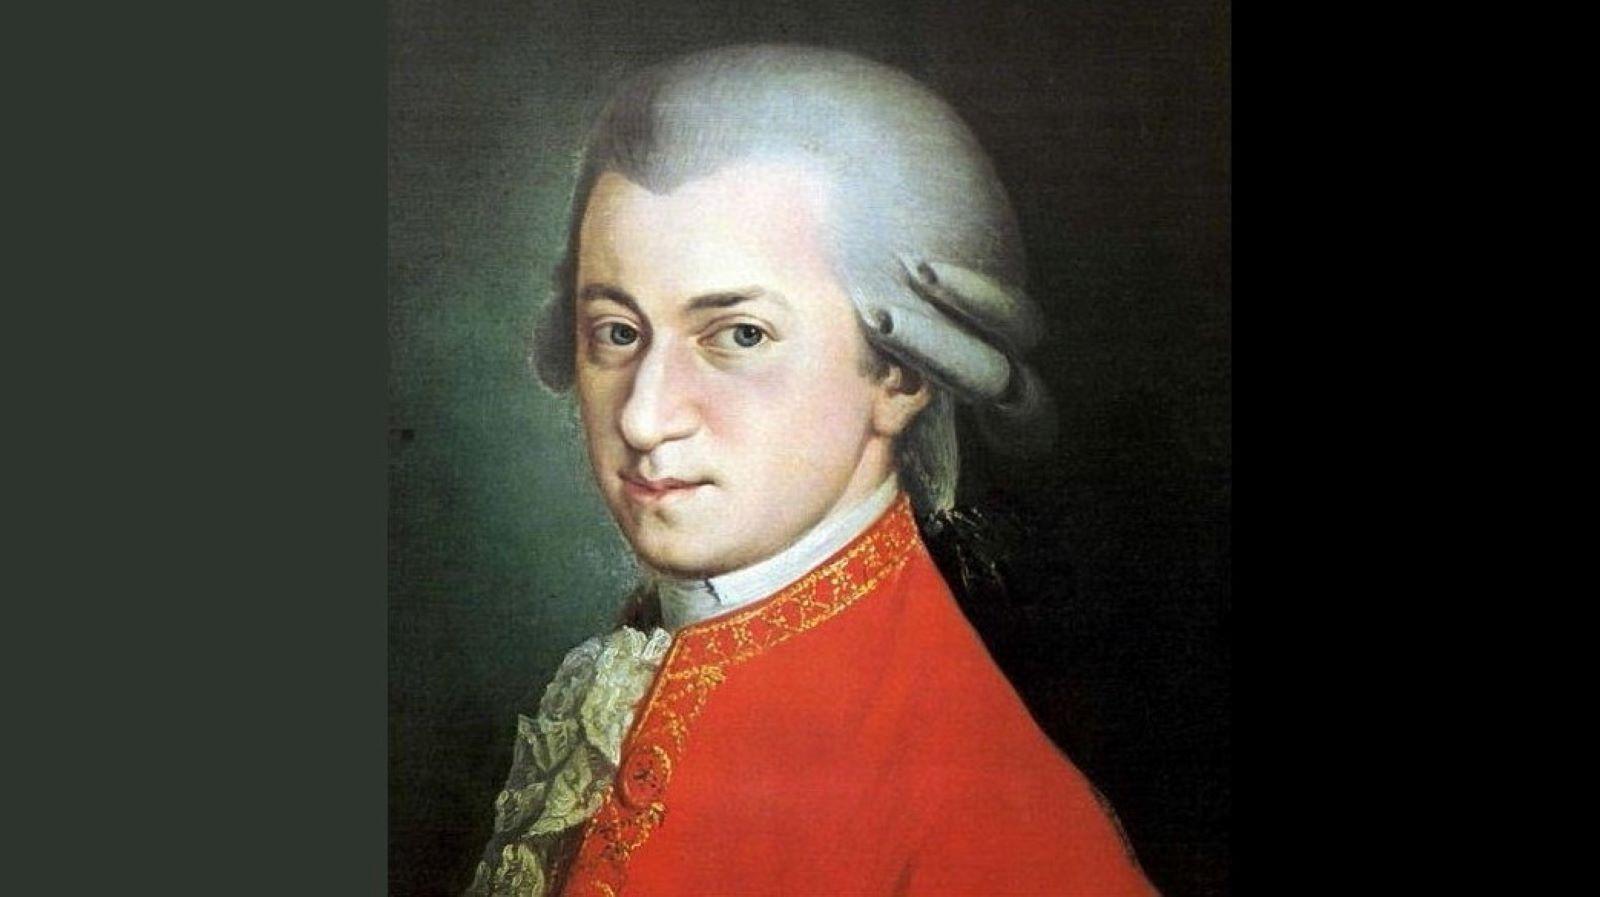 GÖKLERİN SESİ:Wolfgang Amadeus Mozart